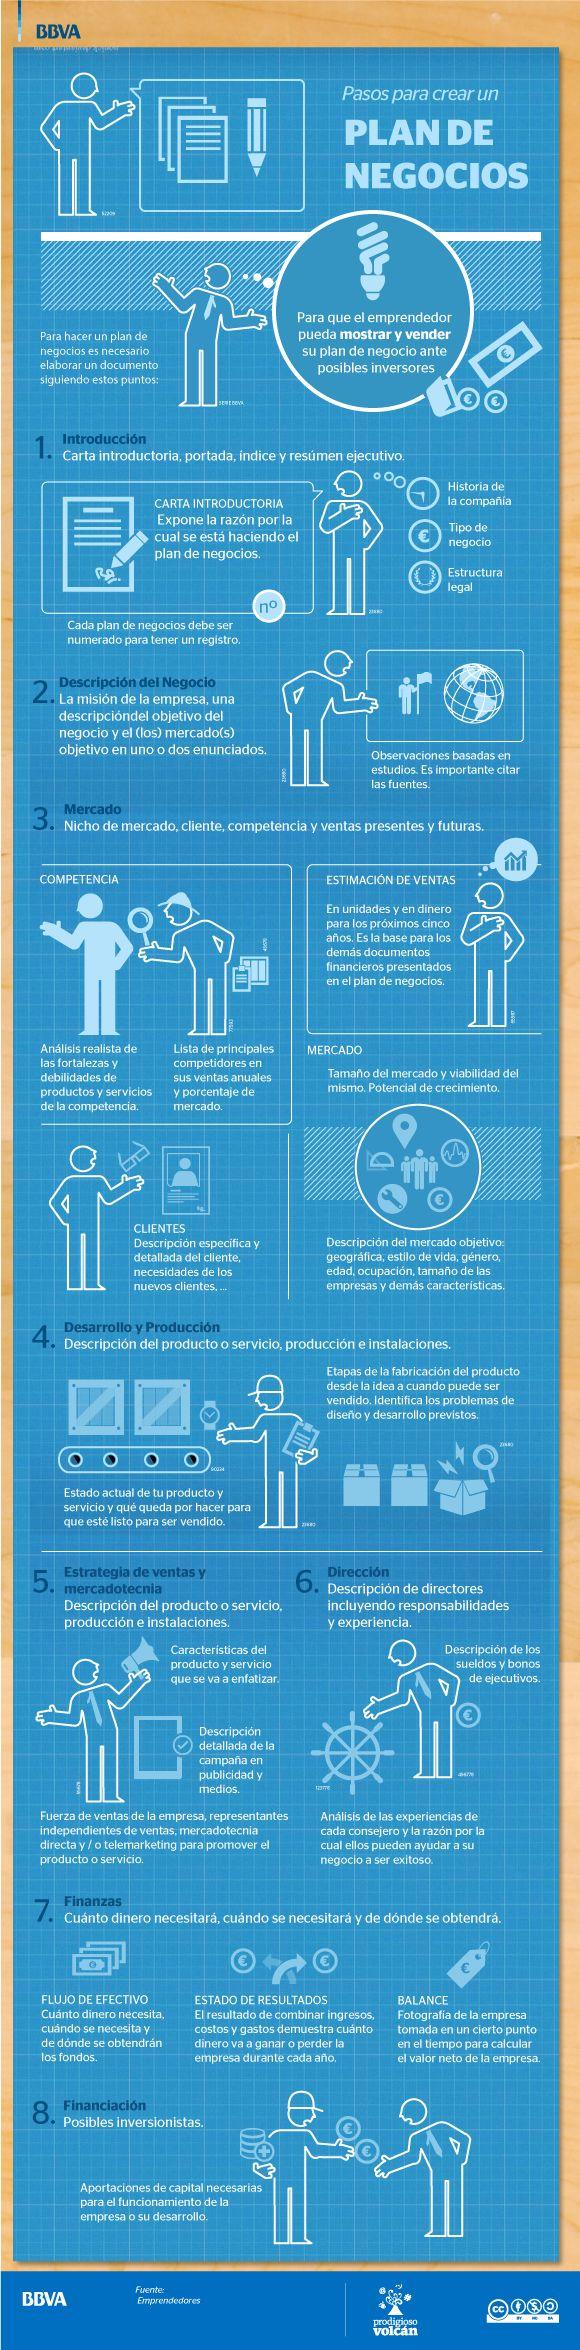 Pasos para crear un Plan de Empresa #infografia #infographic #entrepreneurship